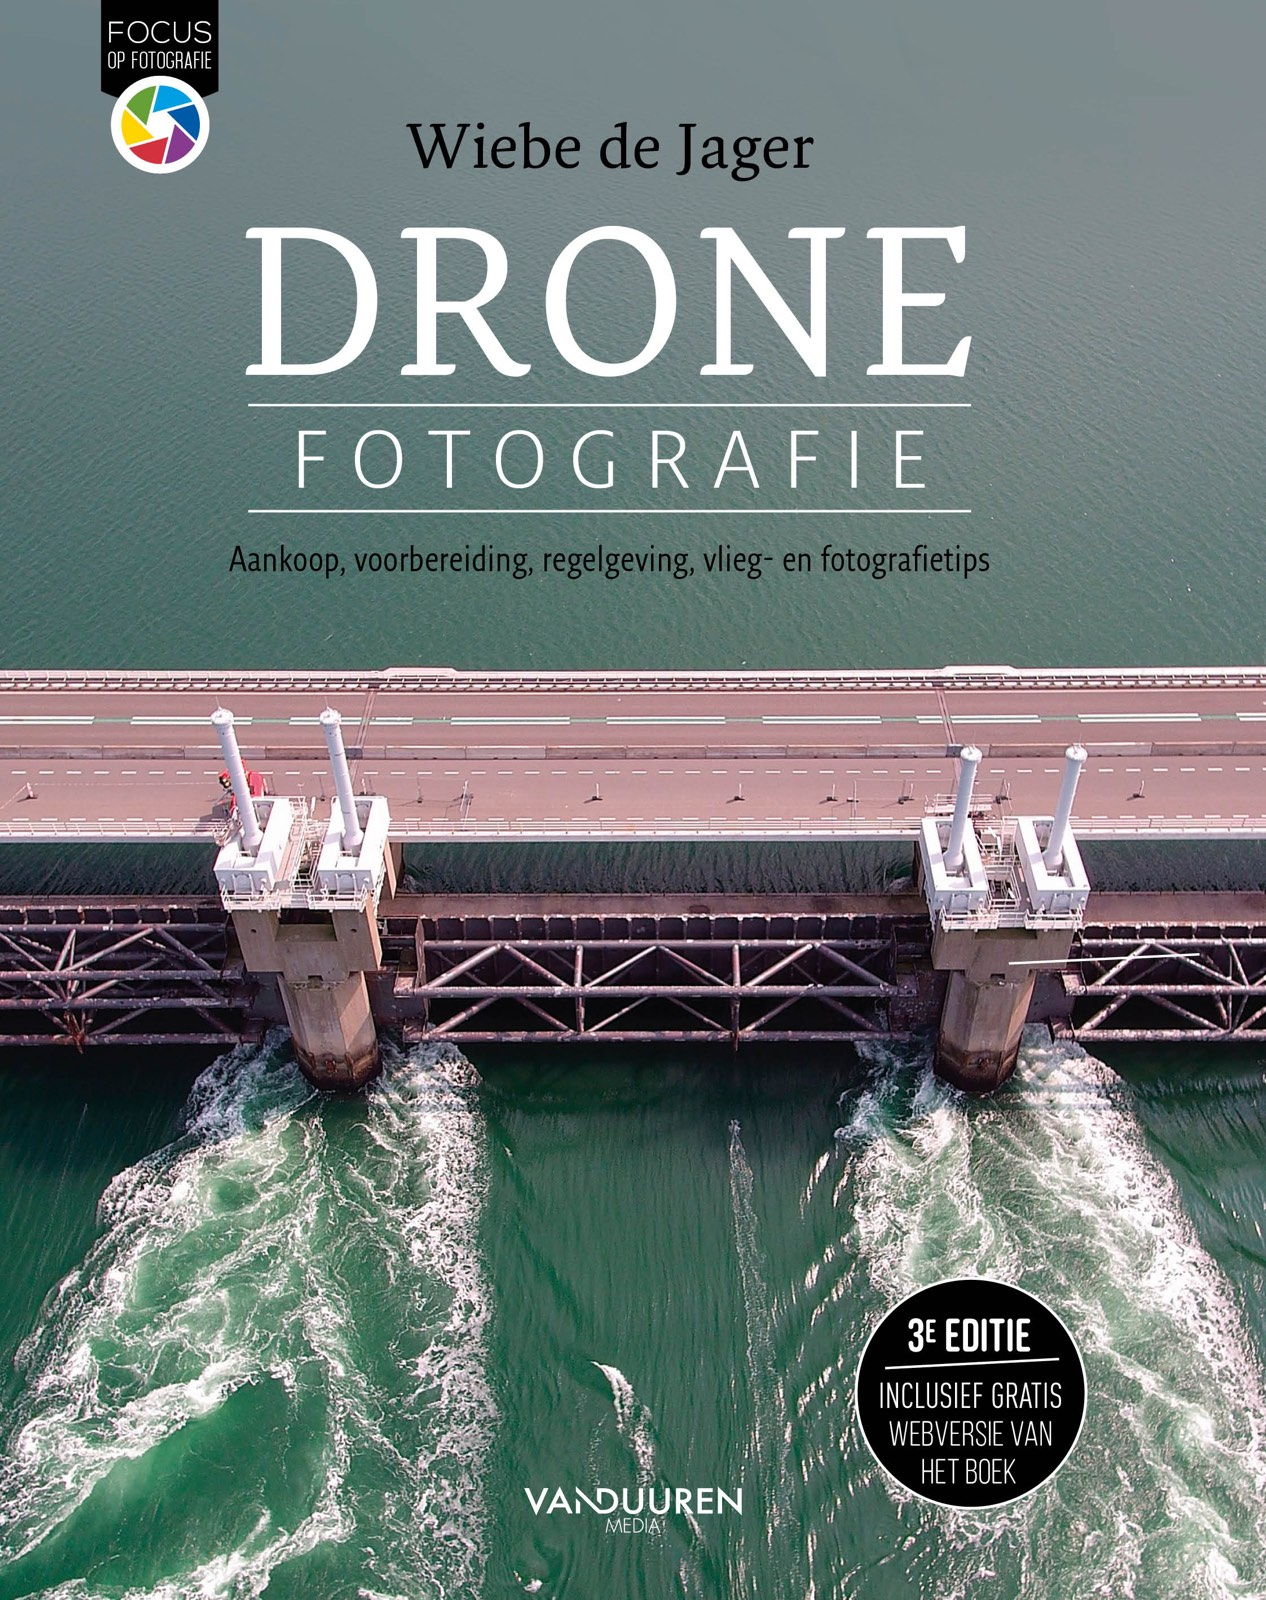 Focus op Fotografie: Dronefotografie, 3e editie, Wiebe de Jager, isbn 9789463561082